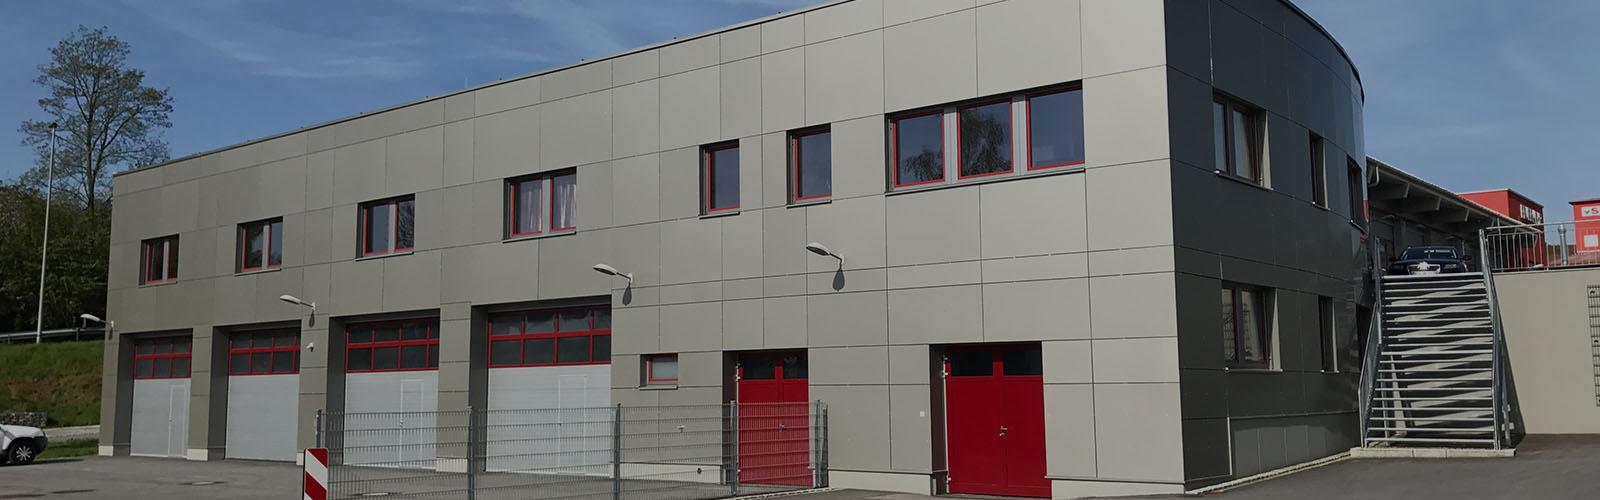 Industrie Gewerbe, Feuerwehrhaus Viechtach